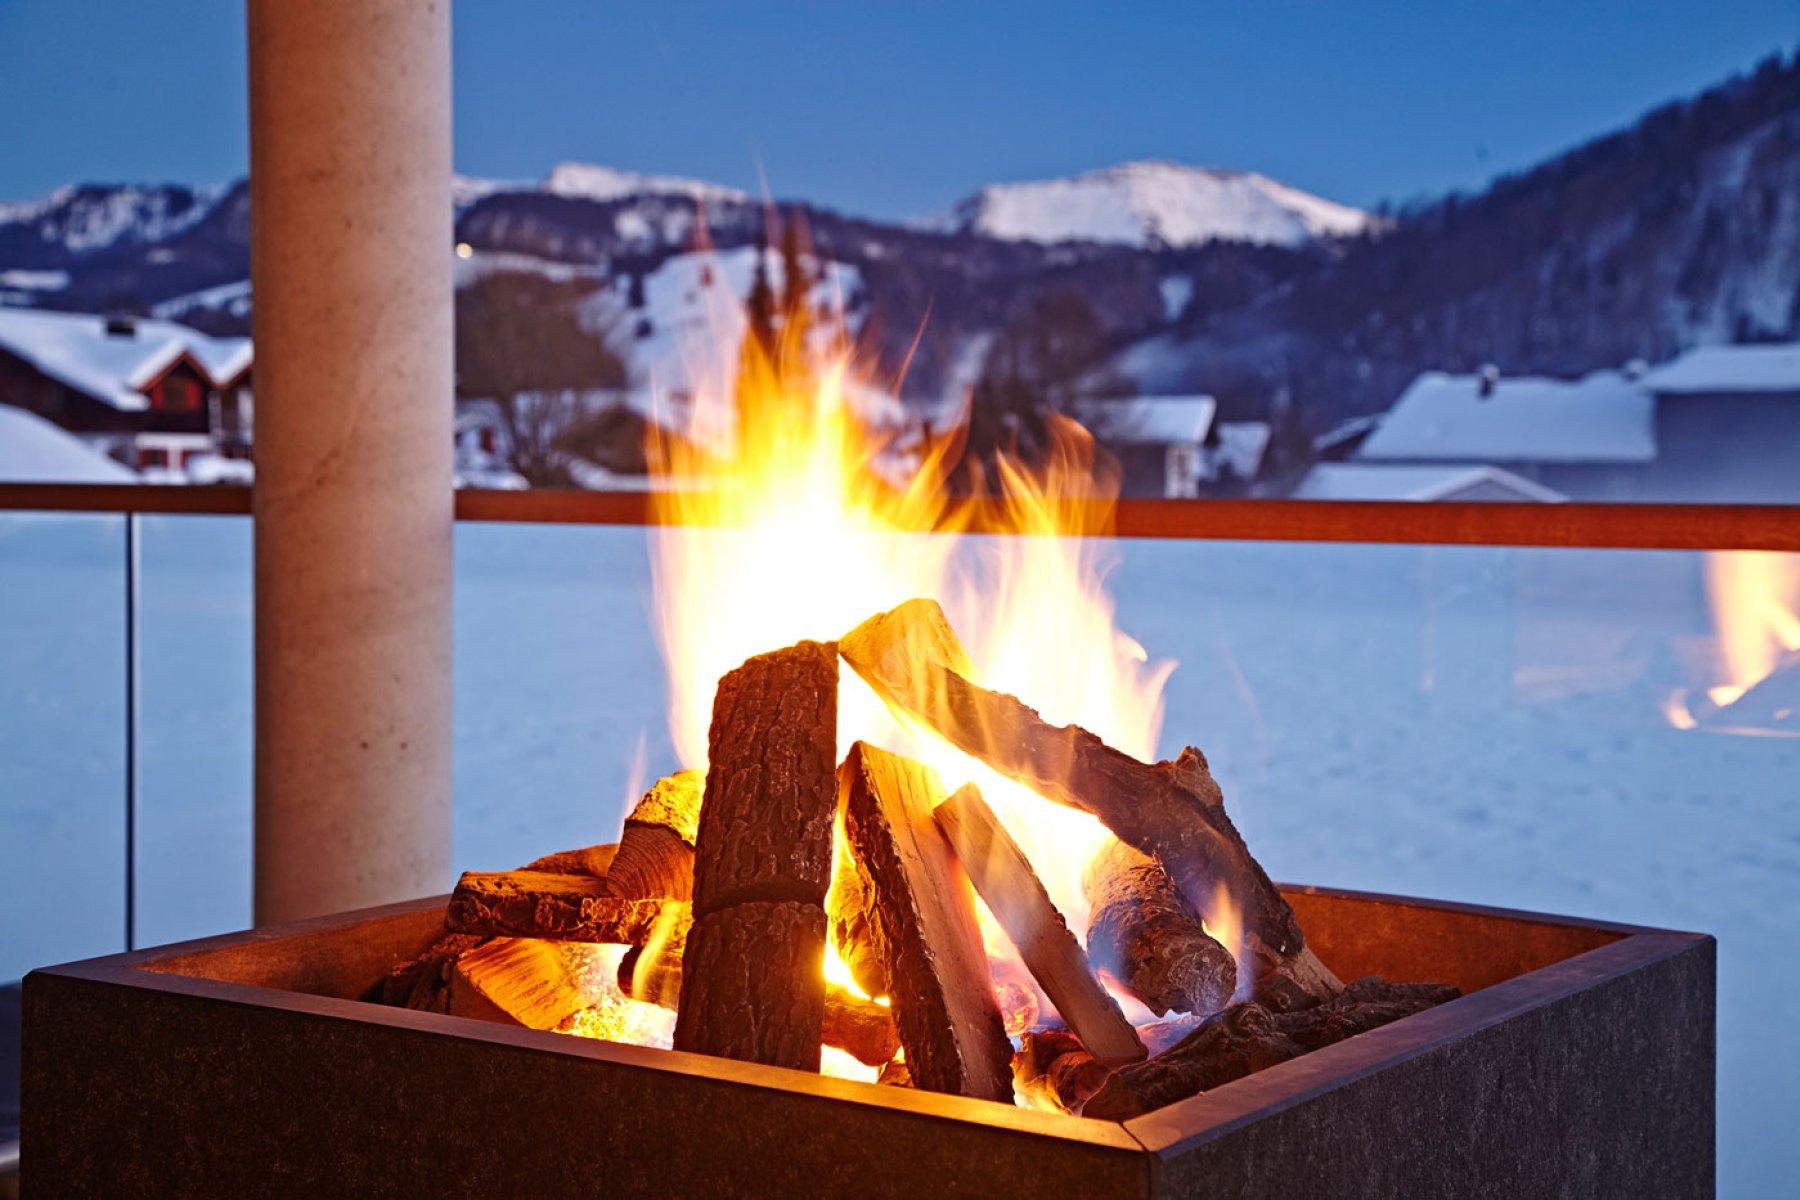 Gemütliches Lagerfeuer mit wunderschöner Allgäuer Bergkulisse im Kurhotel Haubers in Oberstaufen.